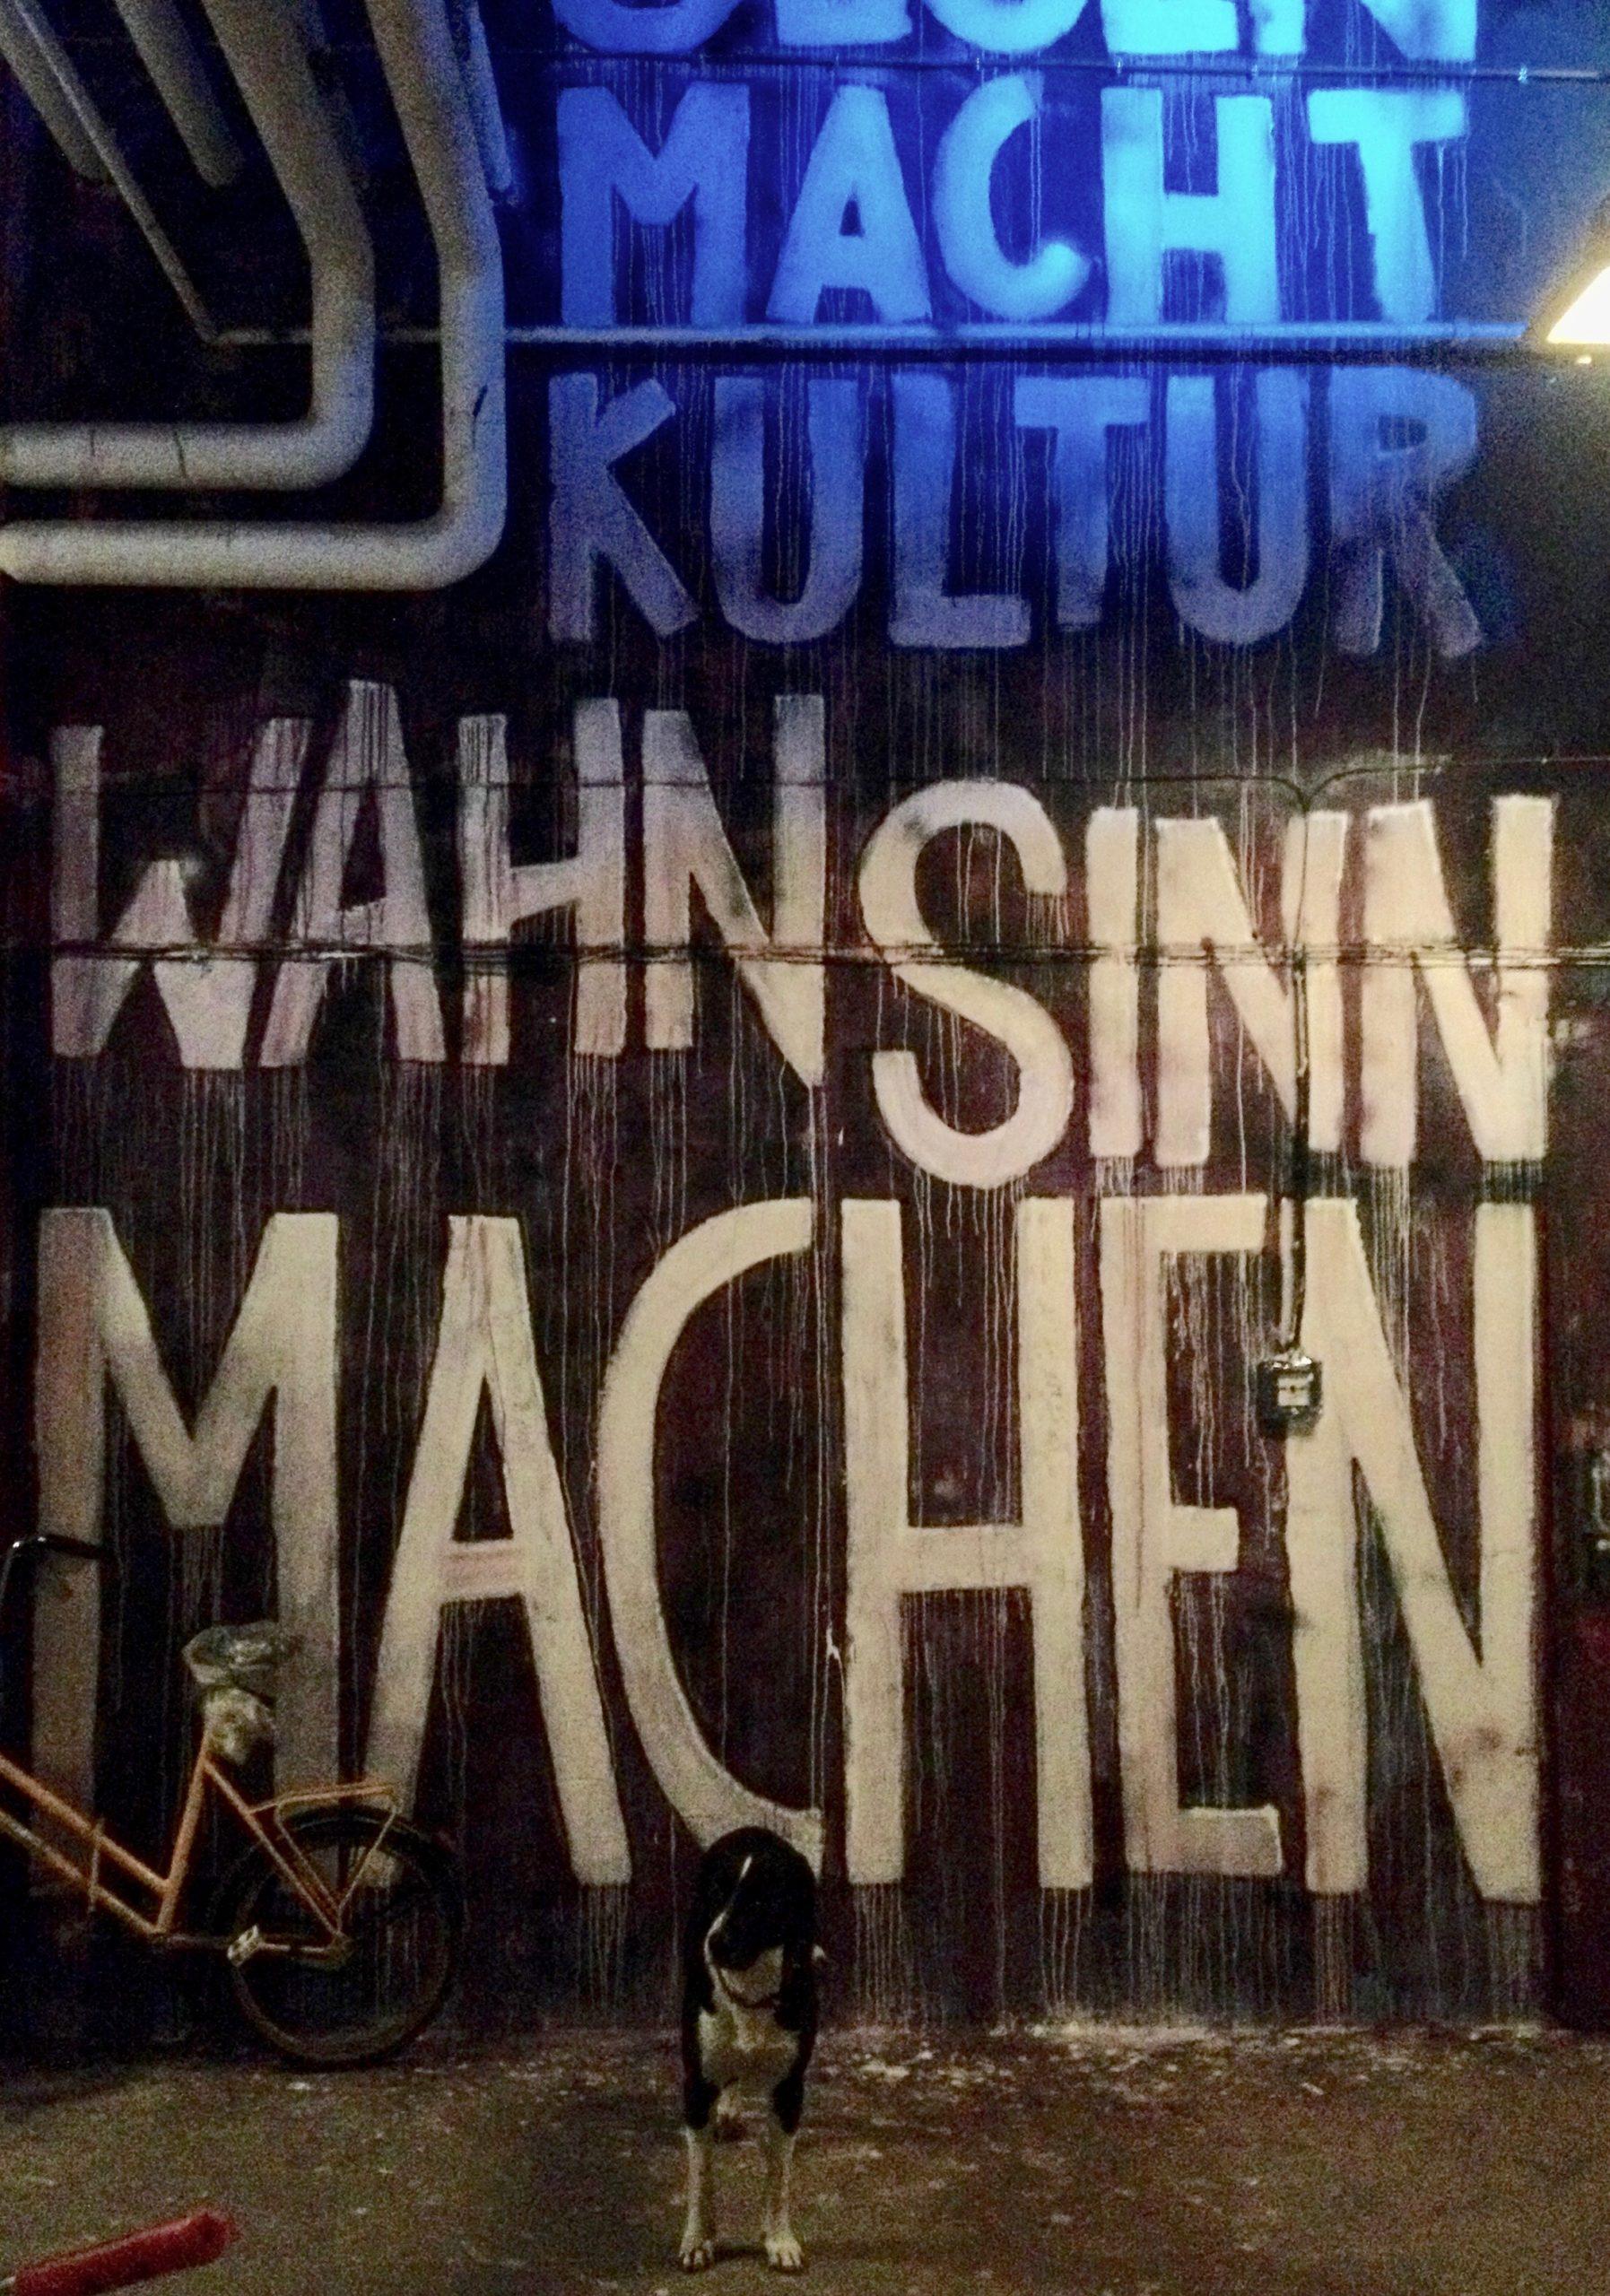 Club, Clubintro, Mensch Meier, Berlin, Lichtenberg,Techno, Wahnsinn, Kultur, machen